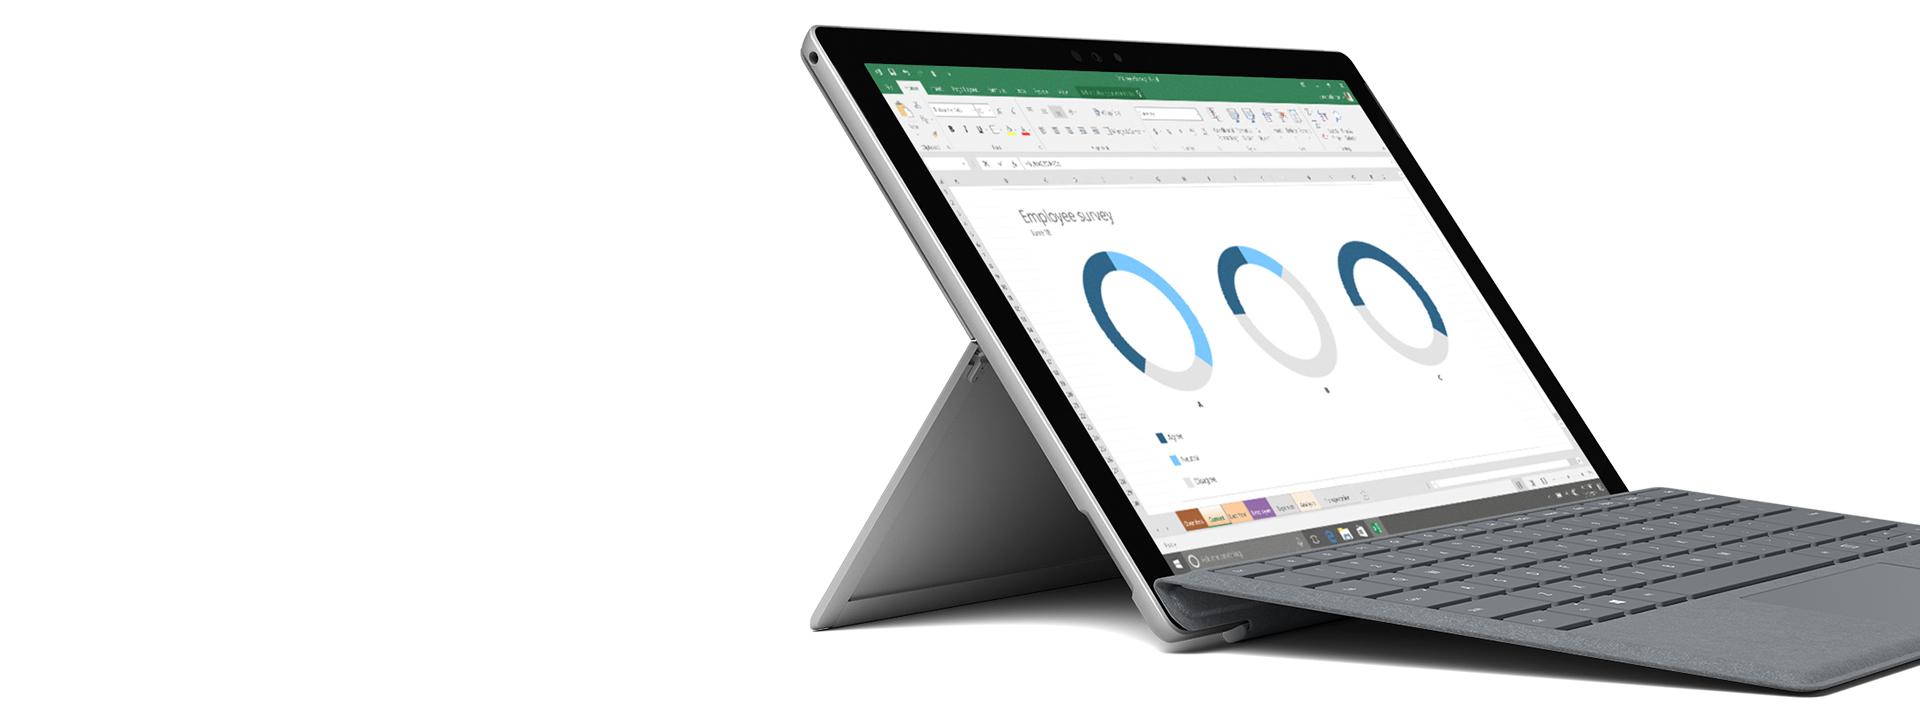 Modèle Surface présenté avec une capture d'écran Windows/Office.